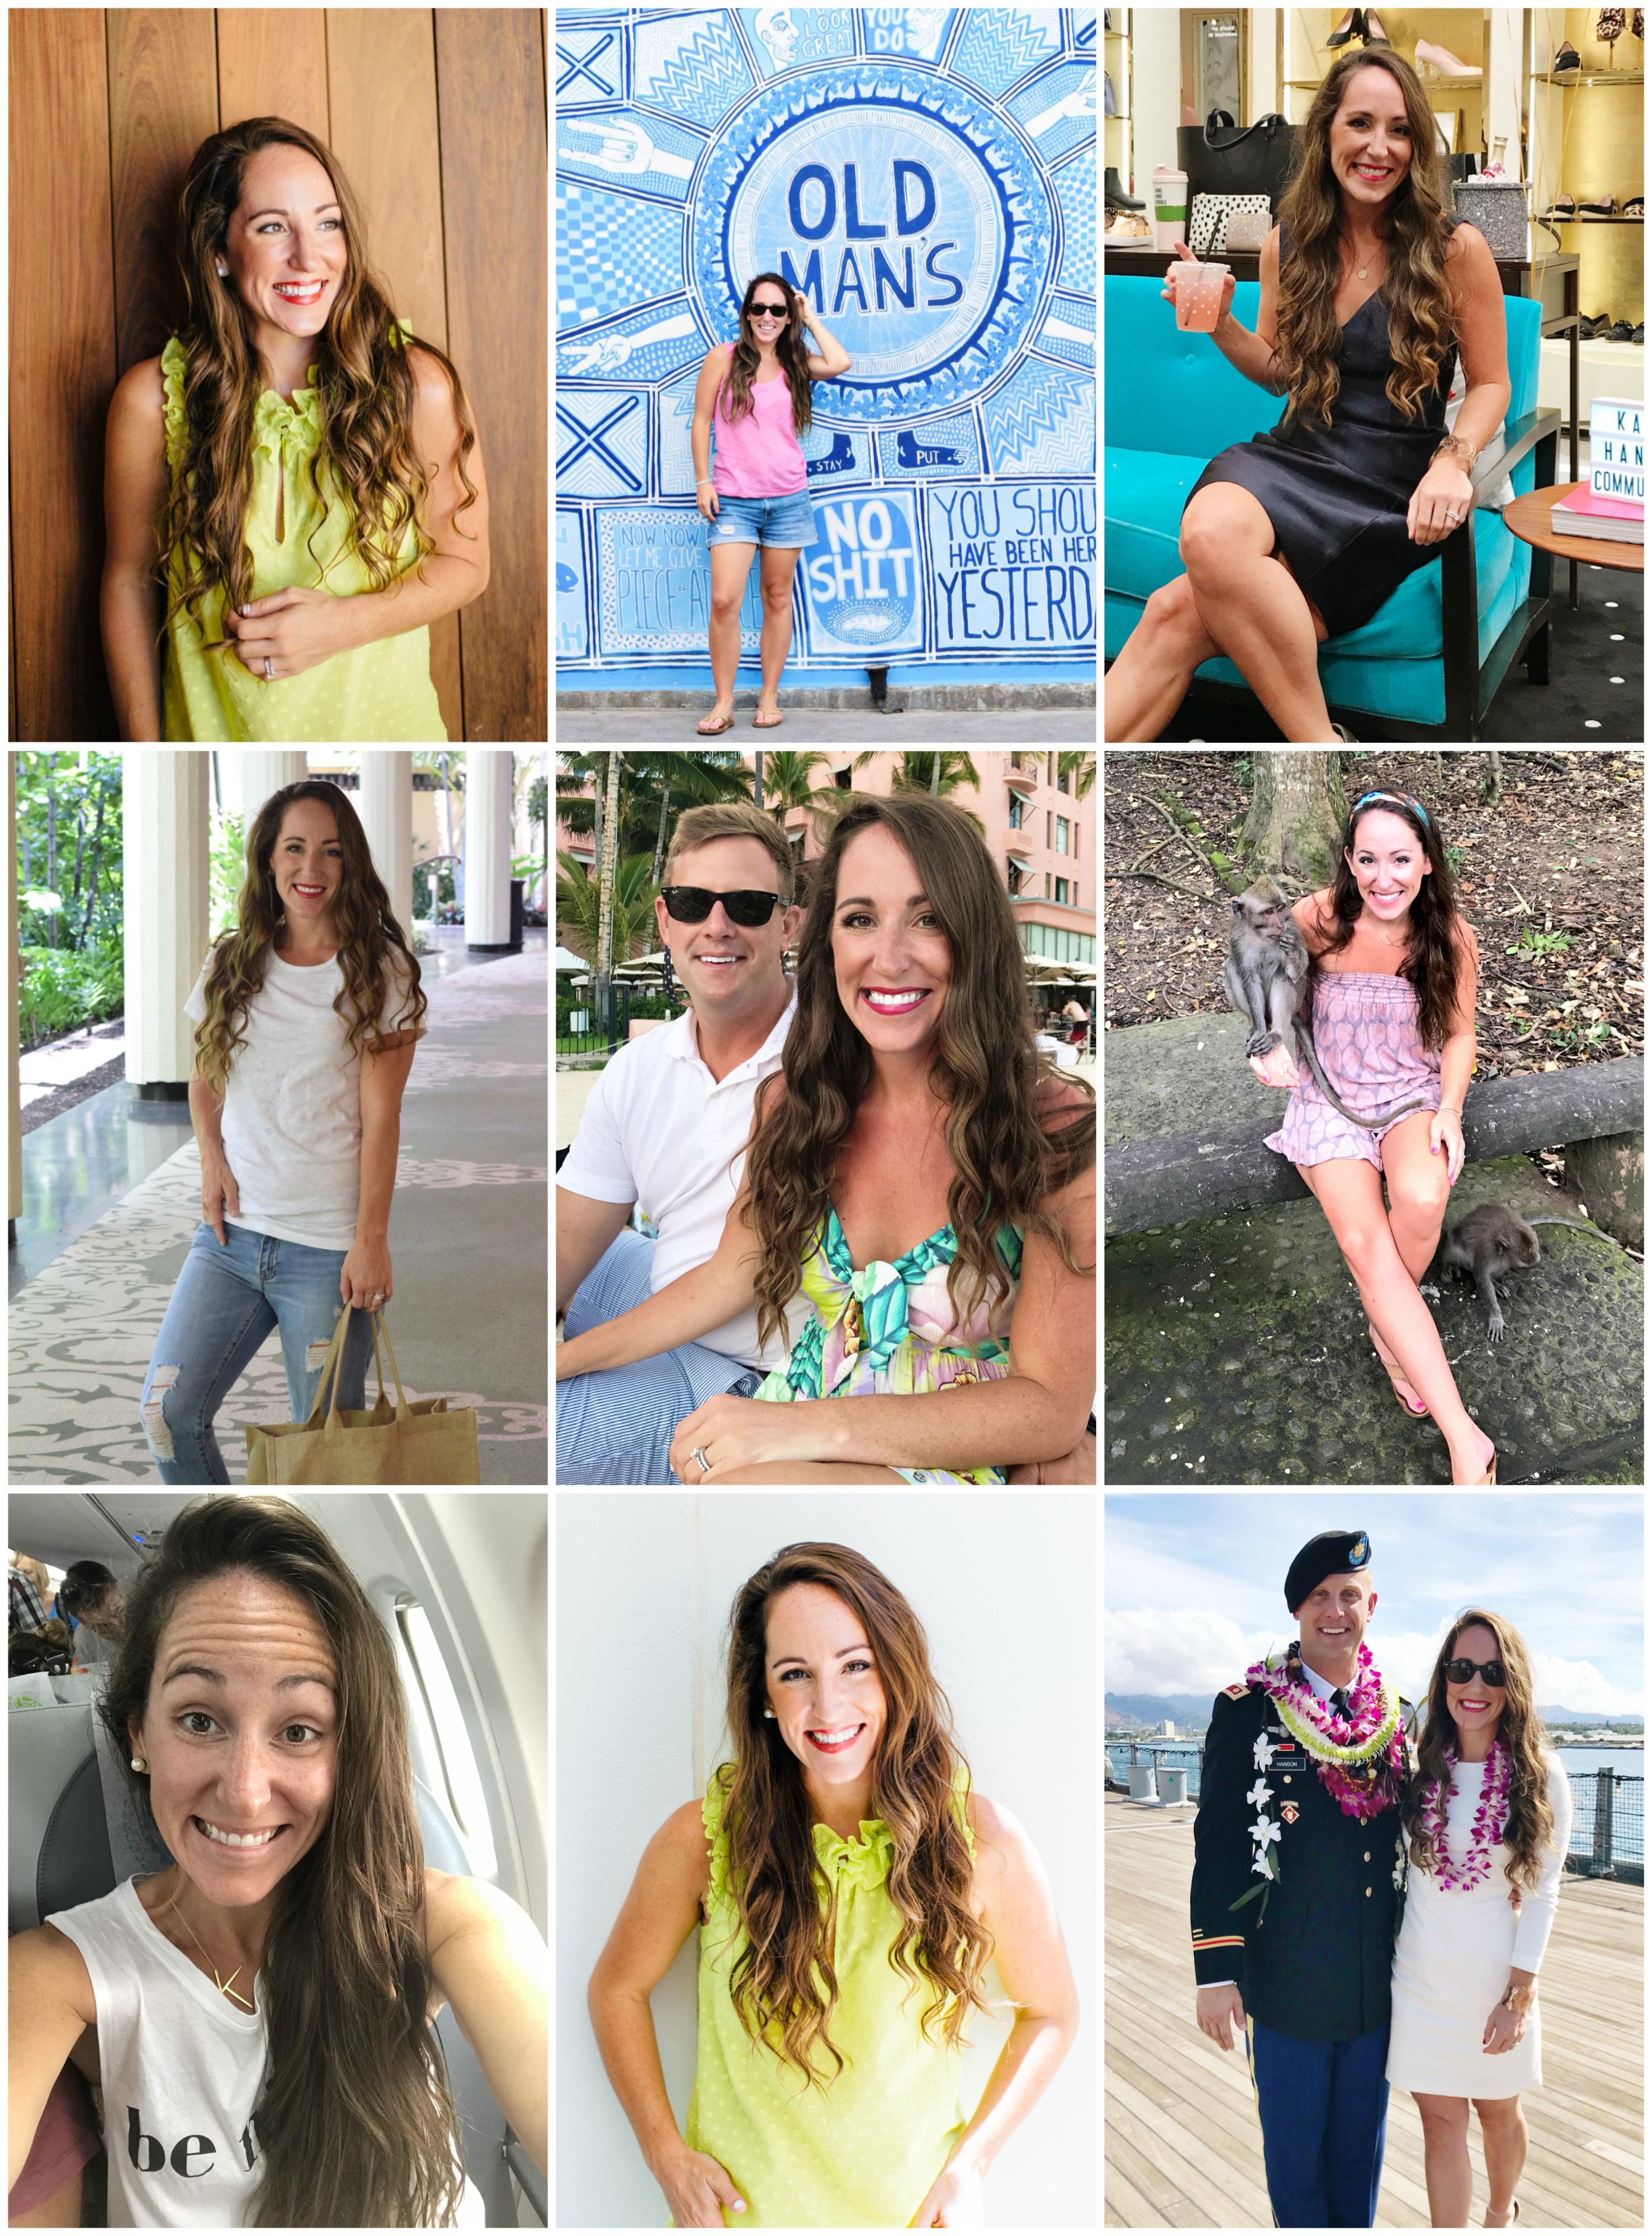 FAQ: All About My Hair - Haircare - Hair Beauty Tips - Hairstyle Ideas - Long Brown Hair - Communikait by Kait Hanson